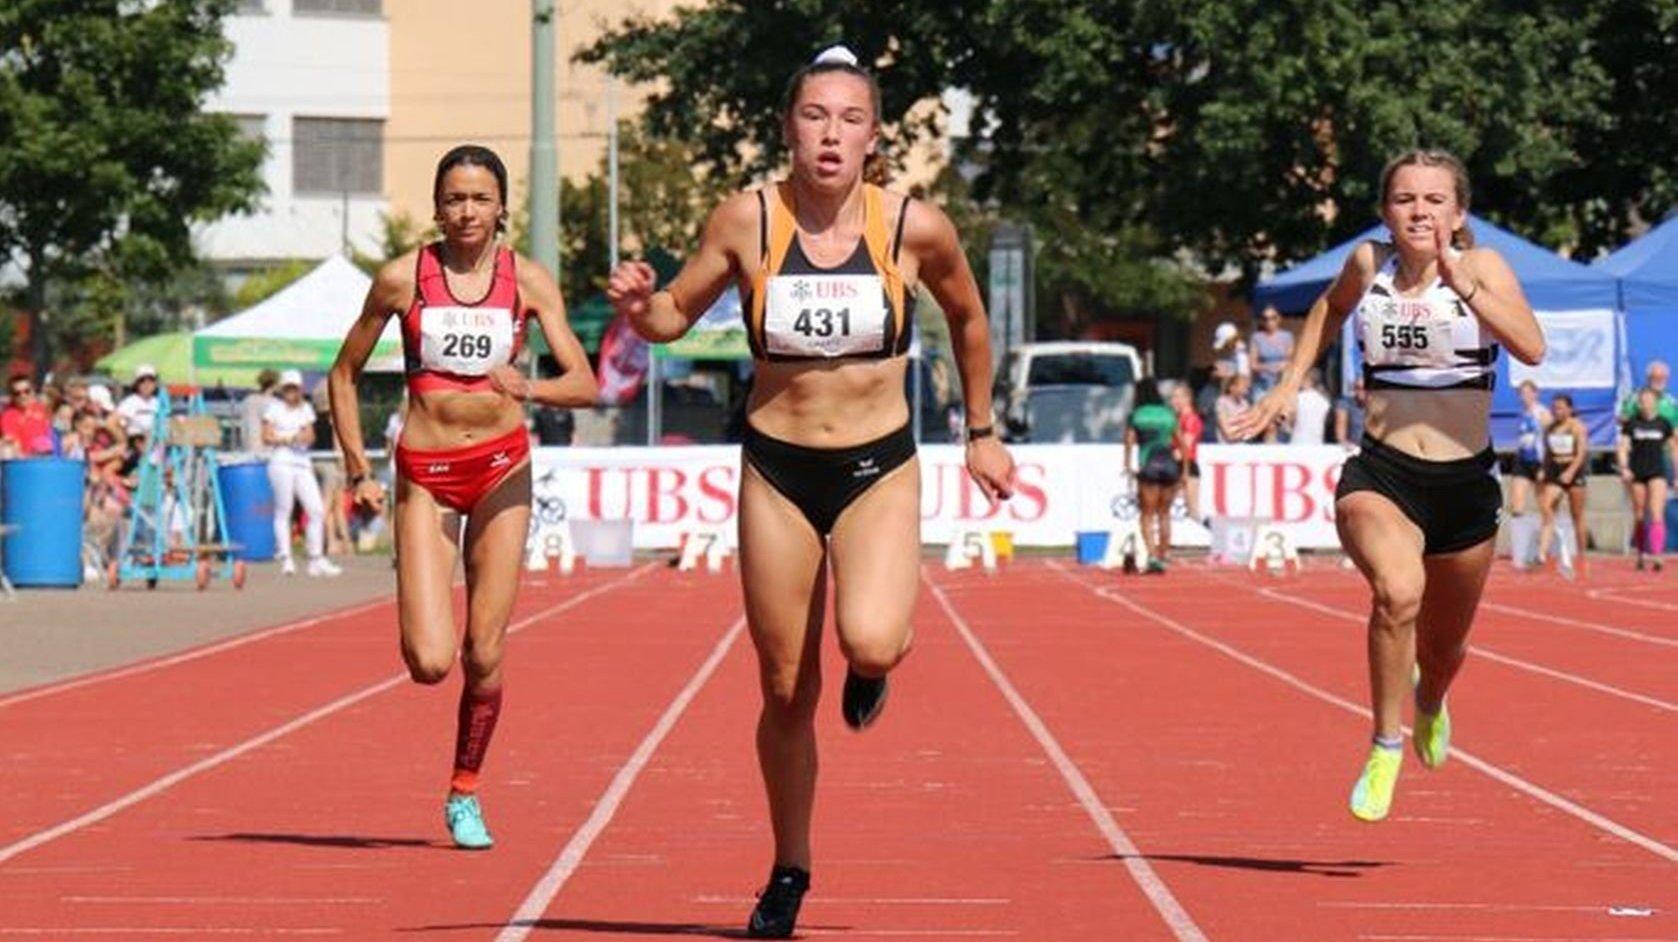 Athlétisme: les jeunes Valaisans récoltent nombre de records et de titres